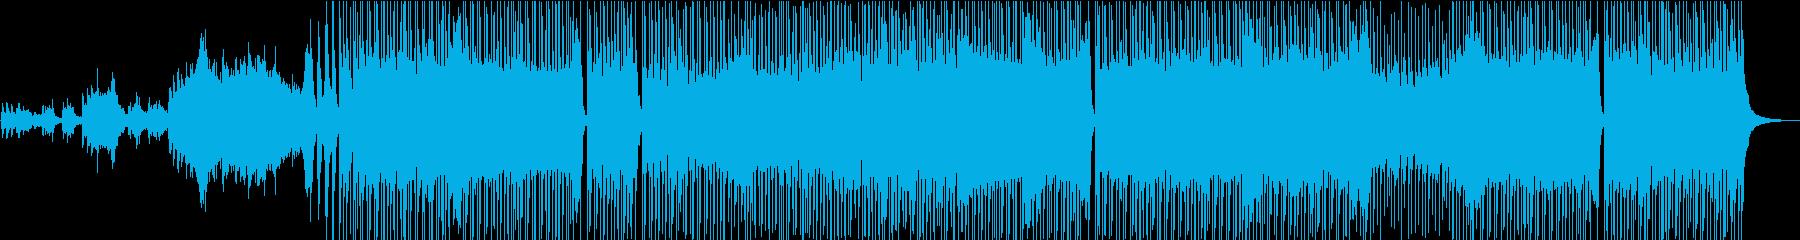 ピアノメロドラマスタイルのイントロ...の再生済みの波形